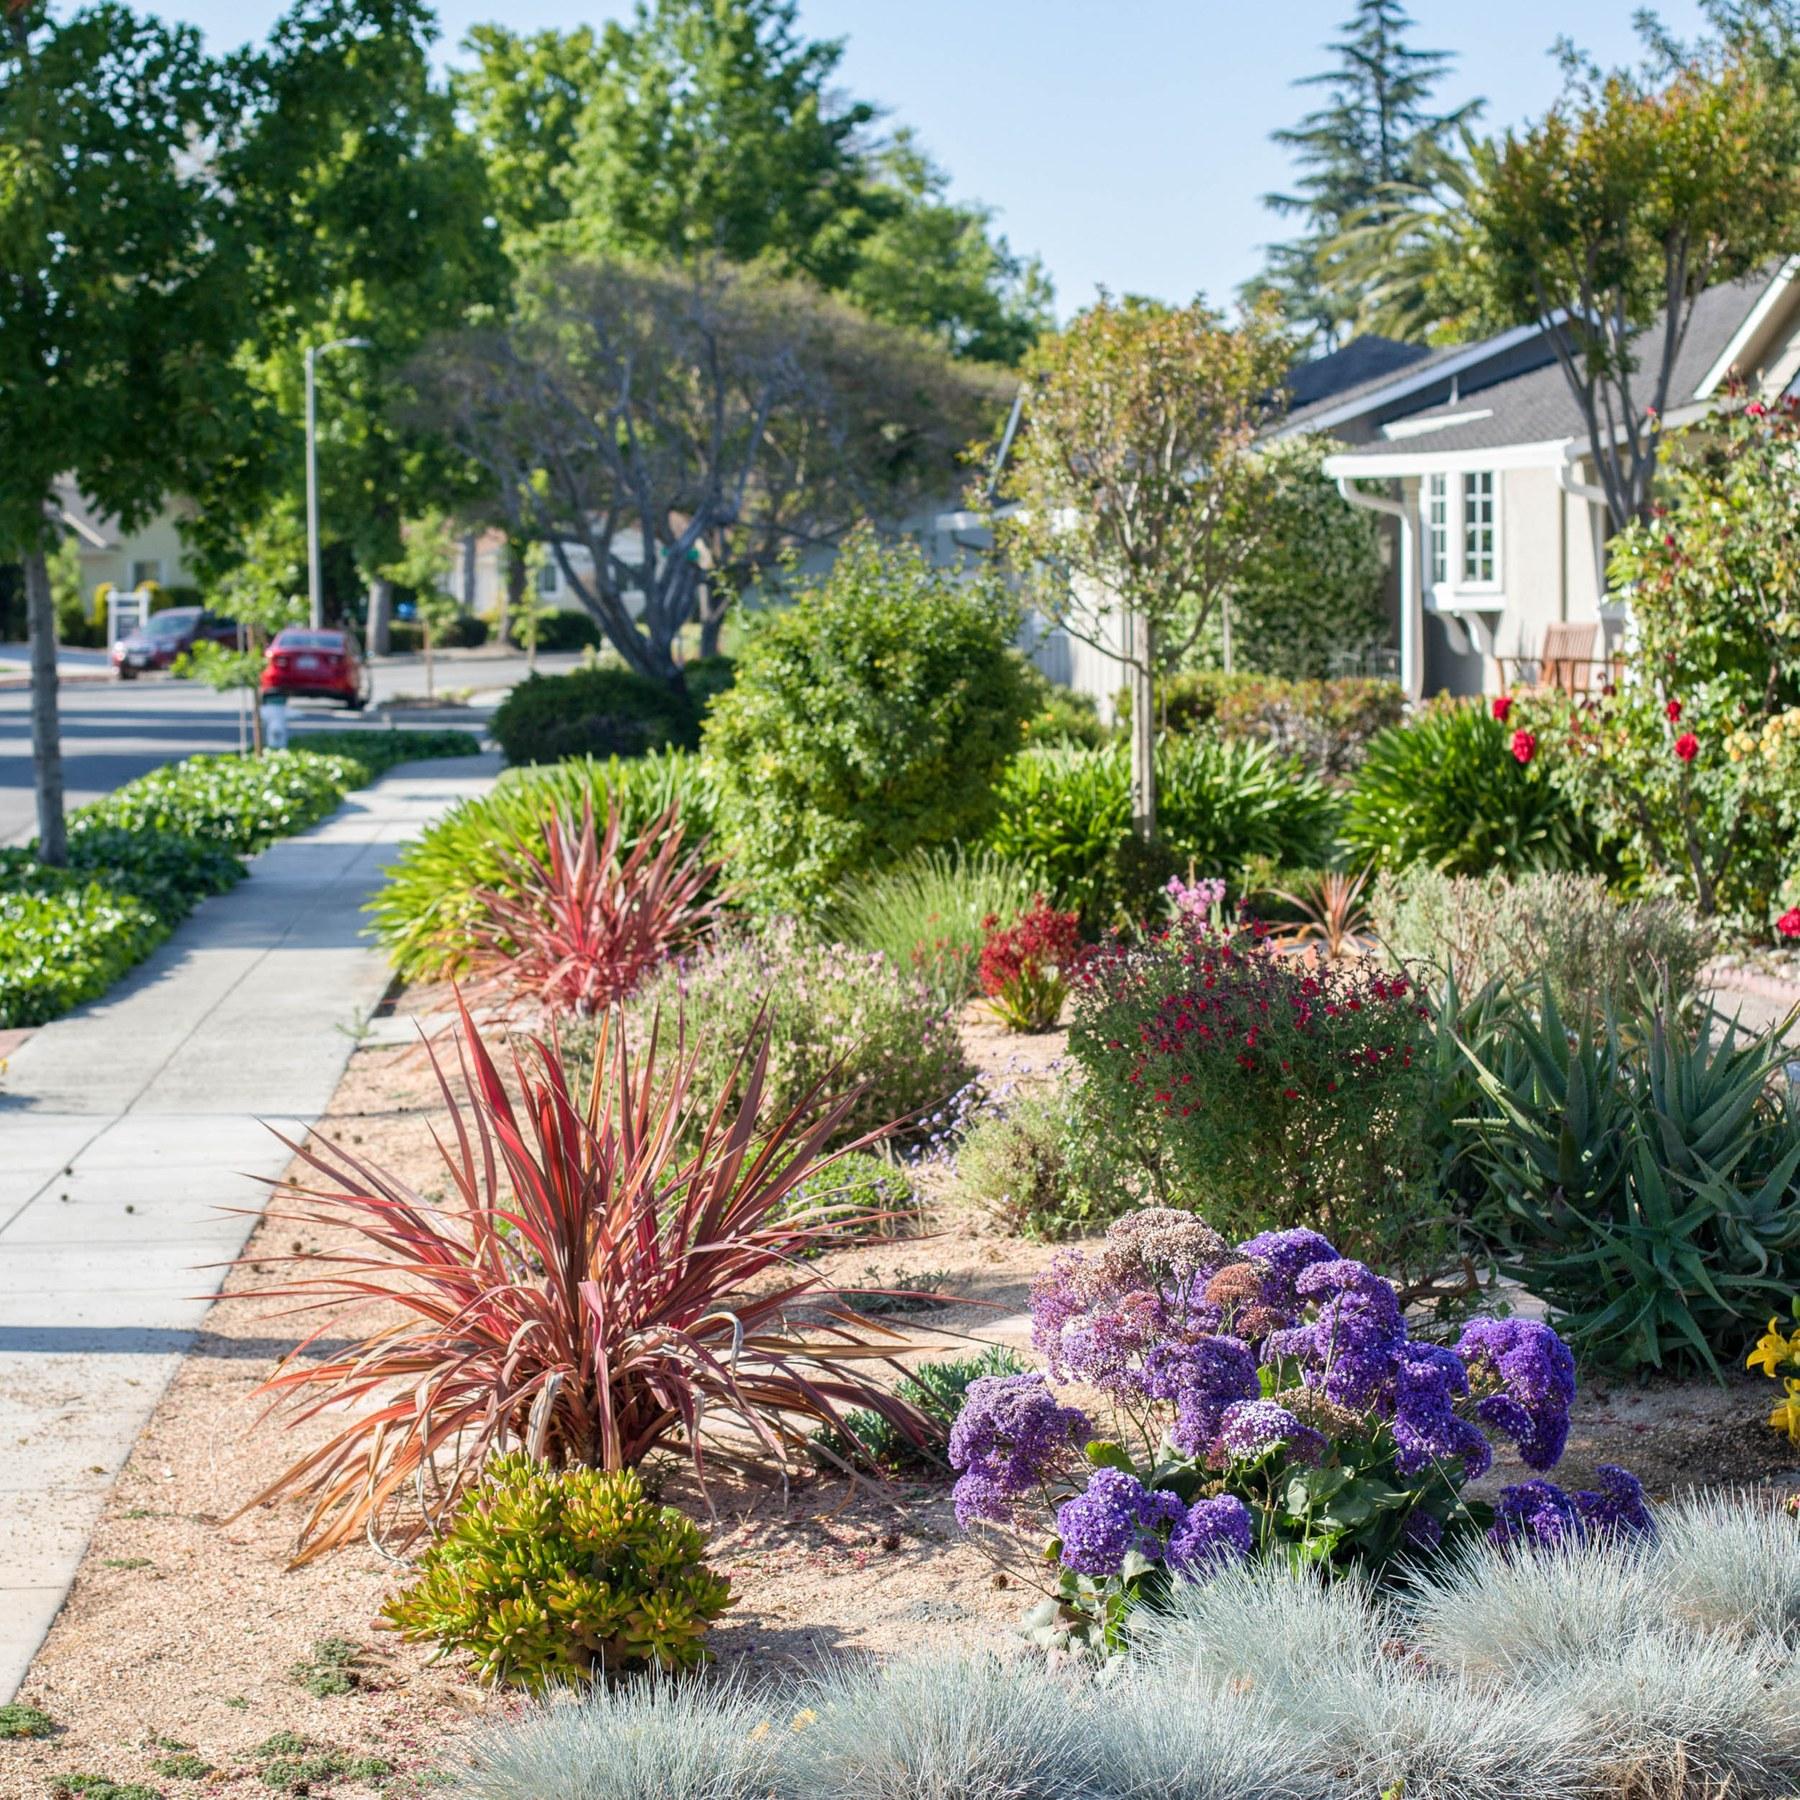 De Anza, Sunnyvale CA - Neighborhood Guide | Trulia